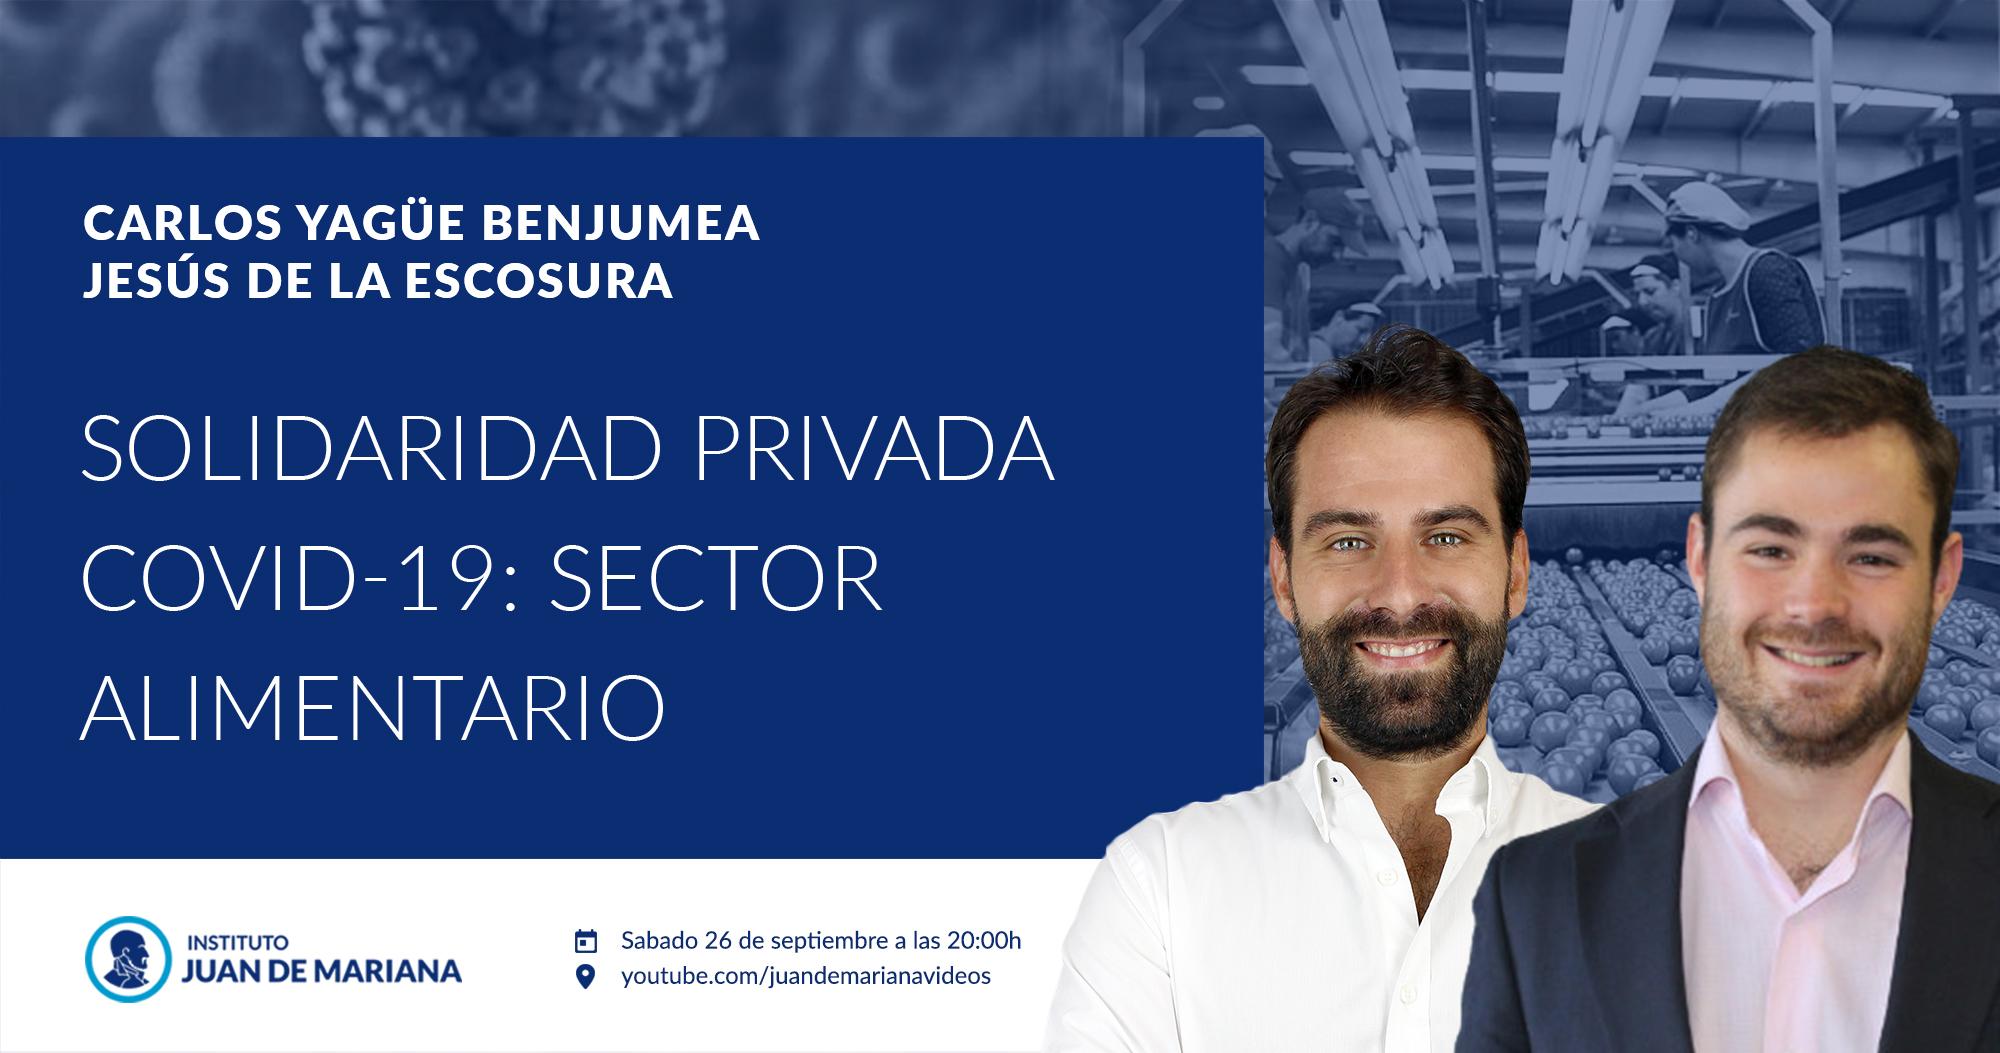 solidaridad_privada_covid-19_sector_alimentario